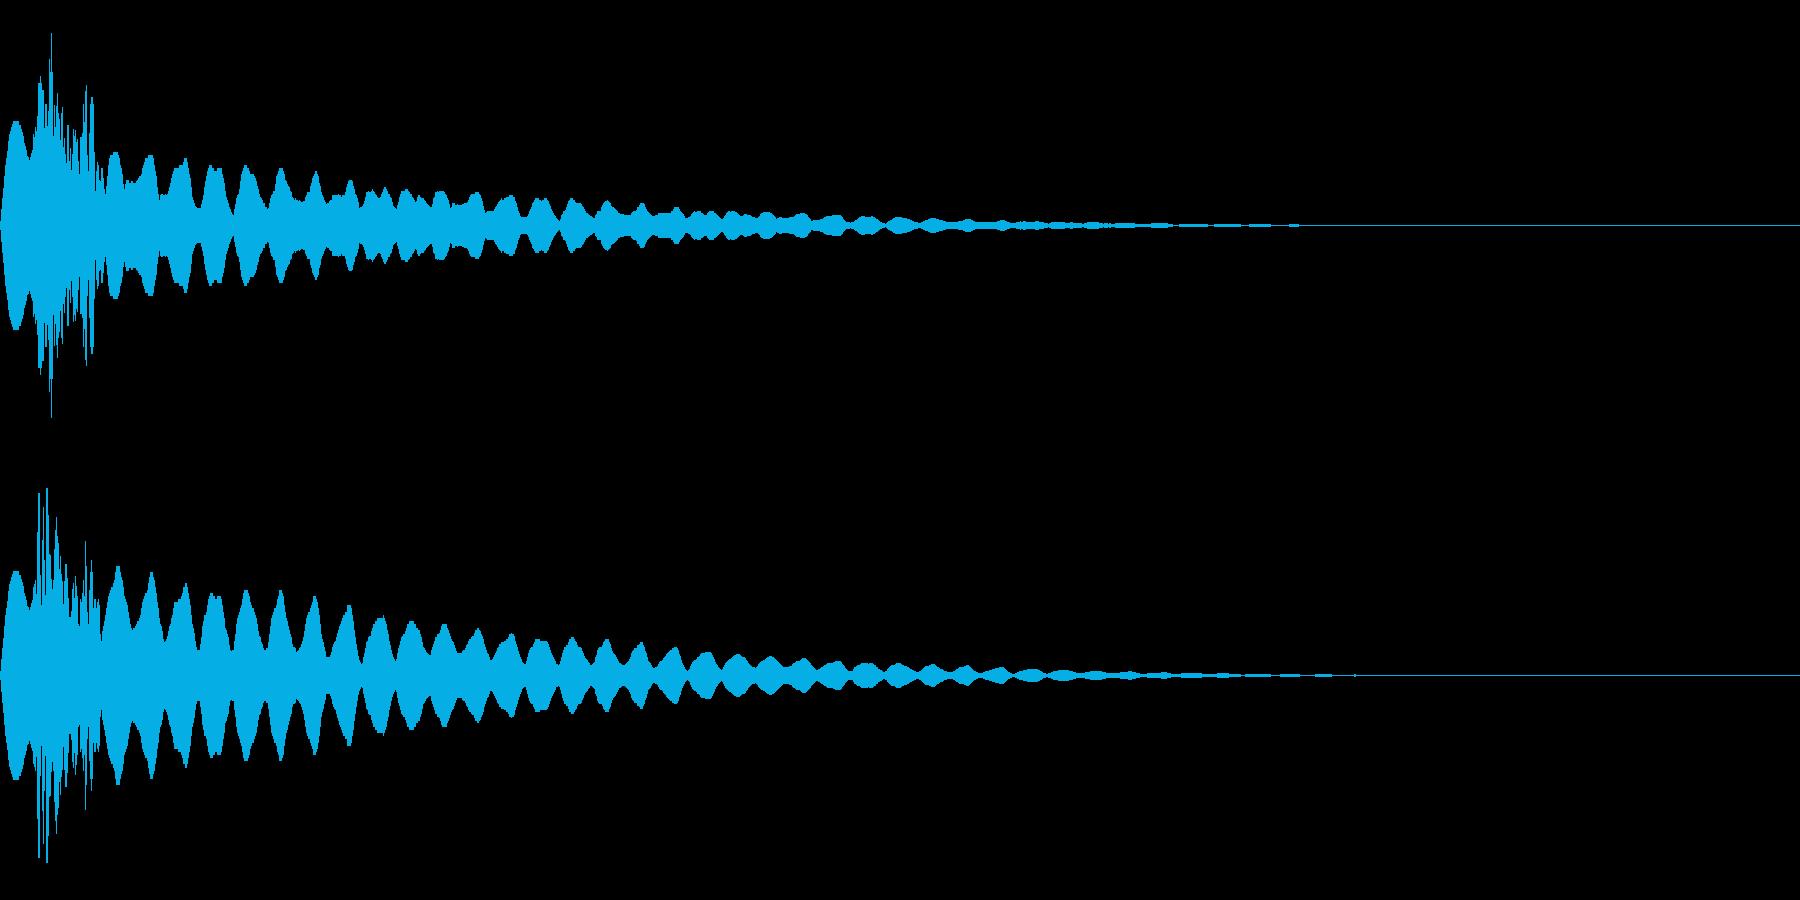 キュピーン!(輝き/閃き/きらめき)の再生済みの波形